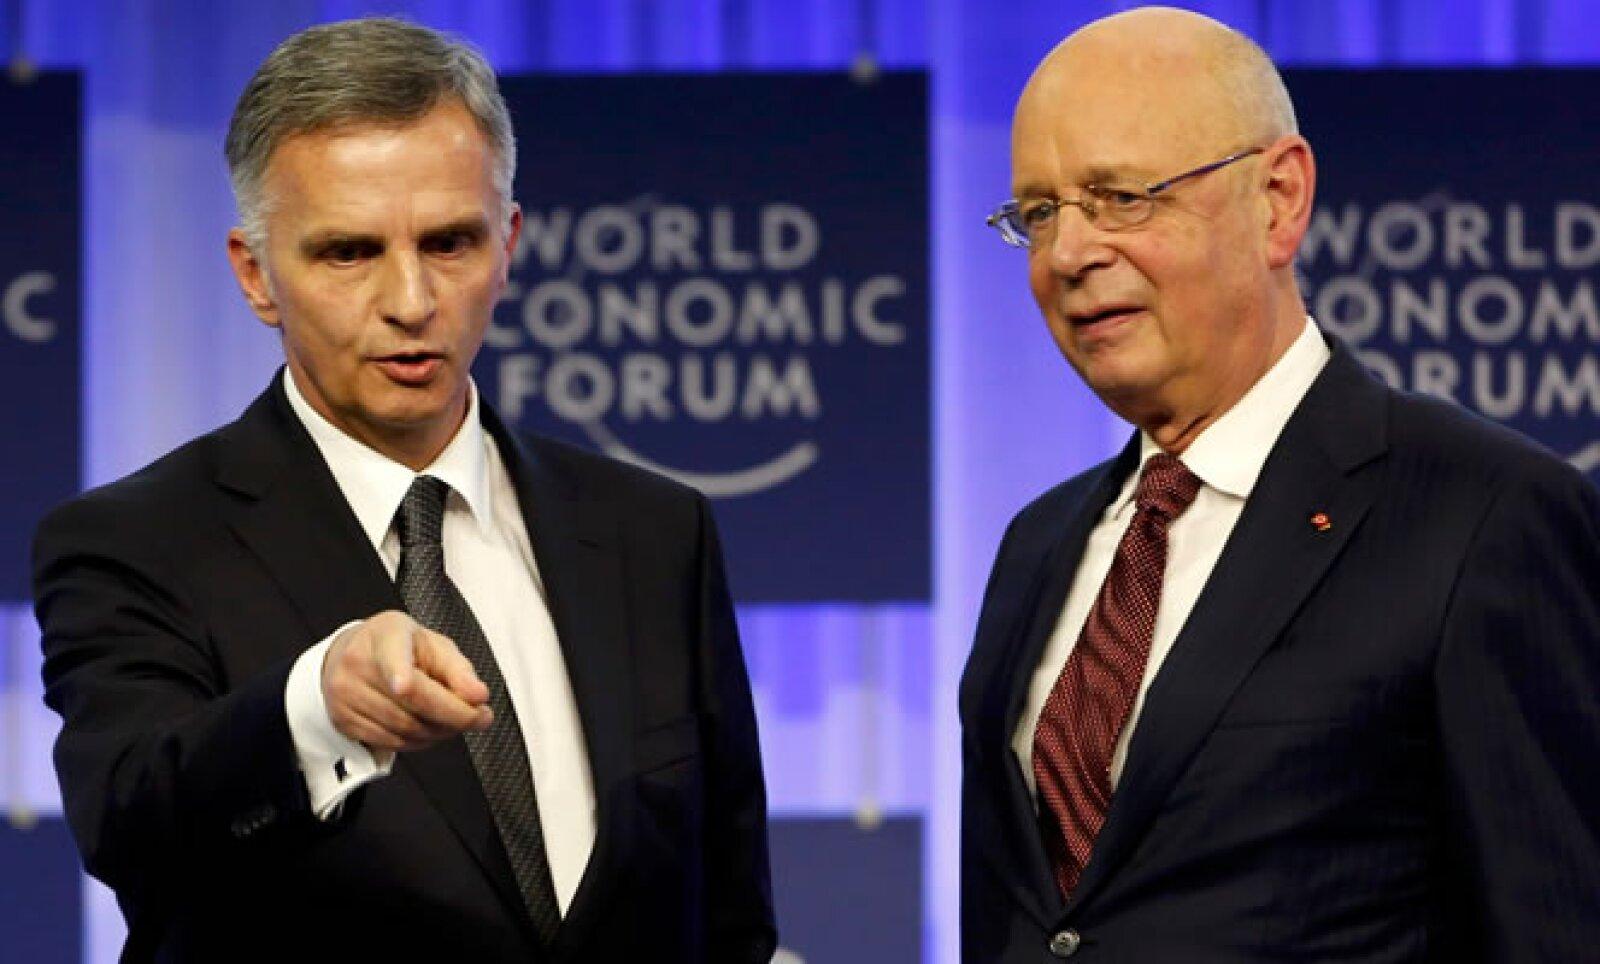 El presidente de Suiza, junto con el fundador Klaus Schwab (d), ofrecieron un discurso de bienvenida a todos los asistentes.